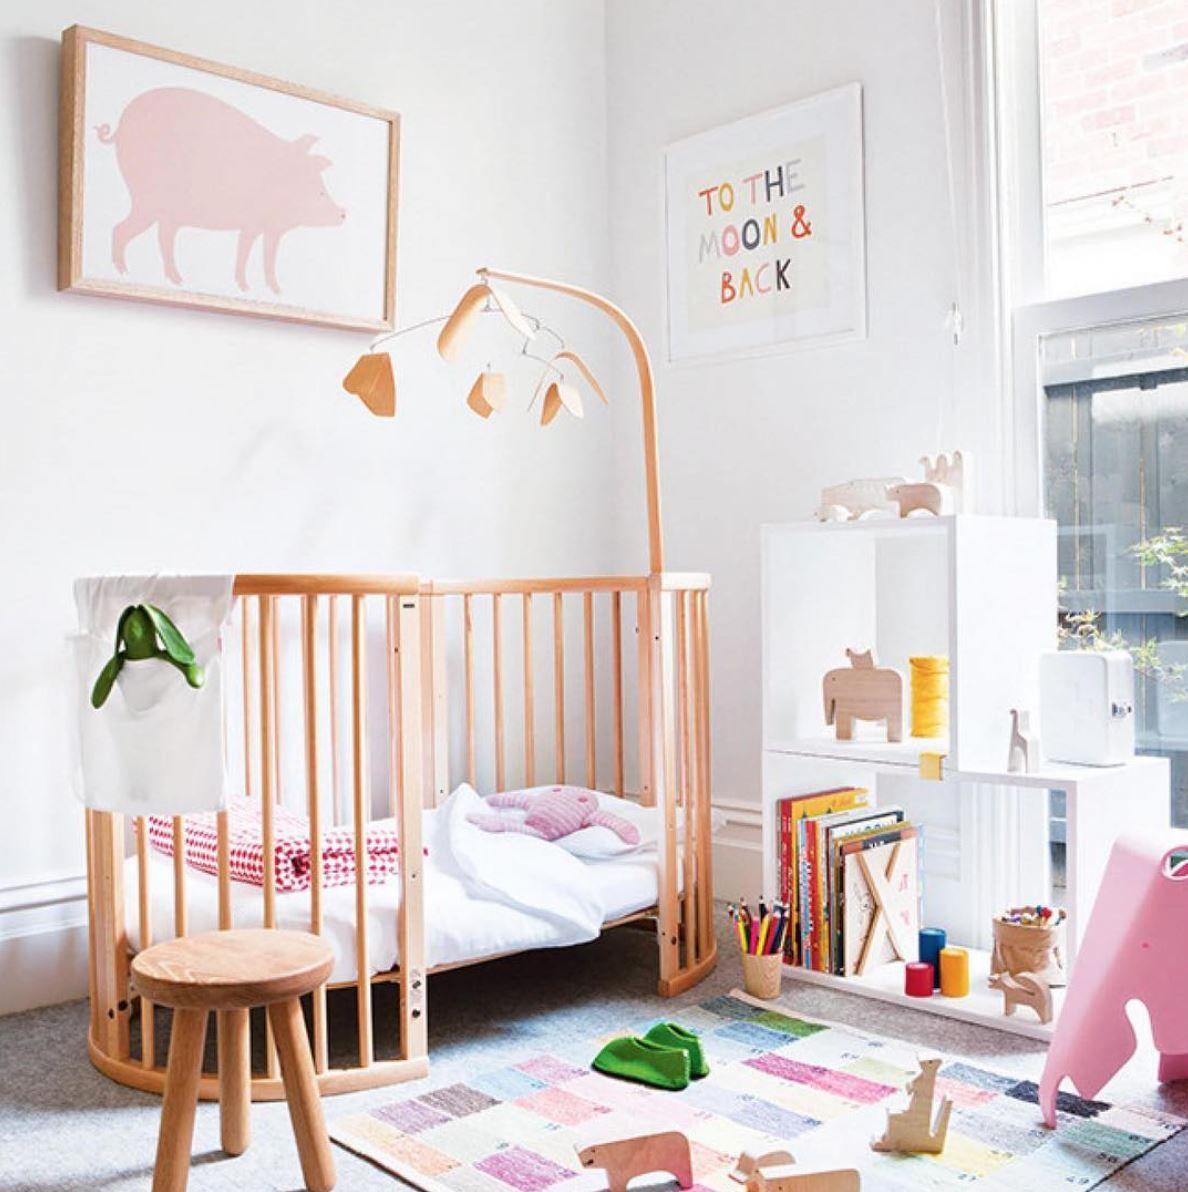 Pin von Marusia Goryacheva auf Design for kids | Pinterest